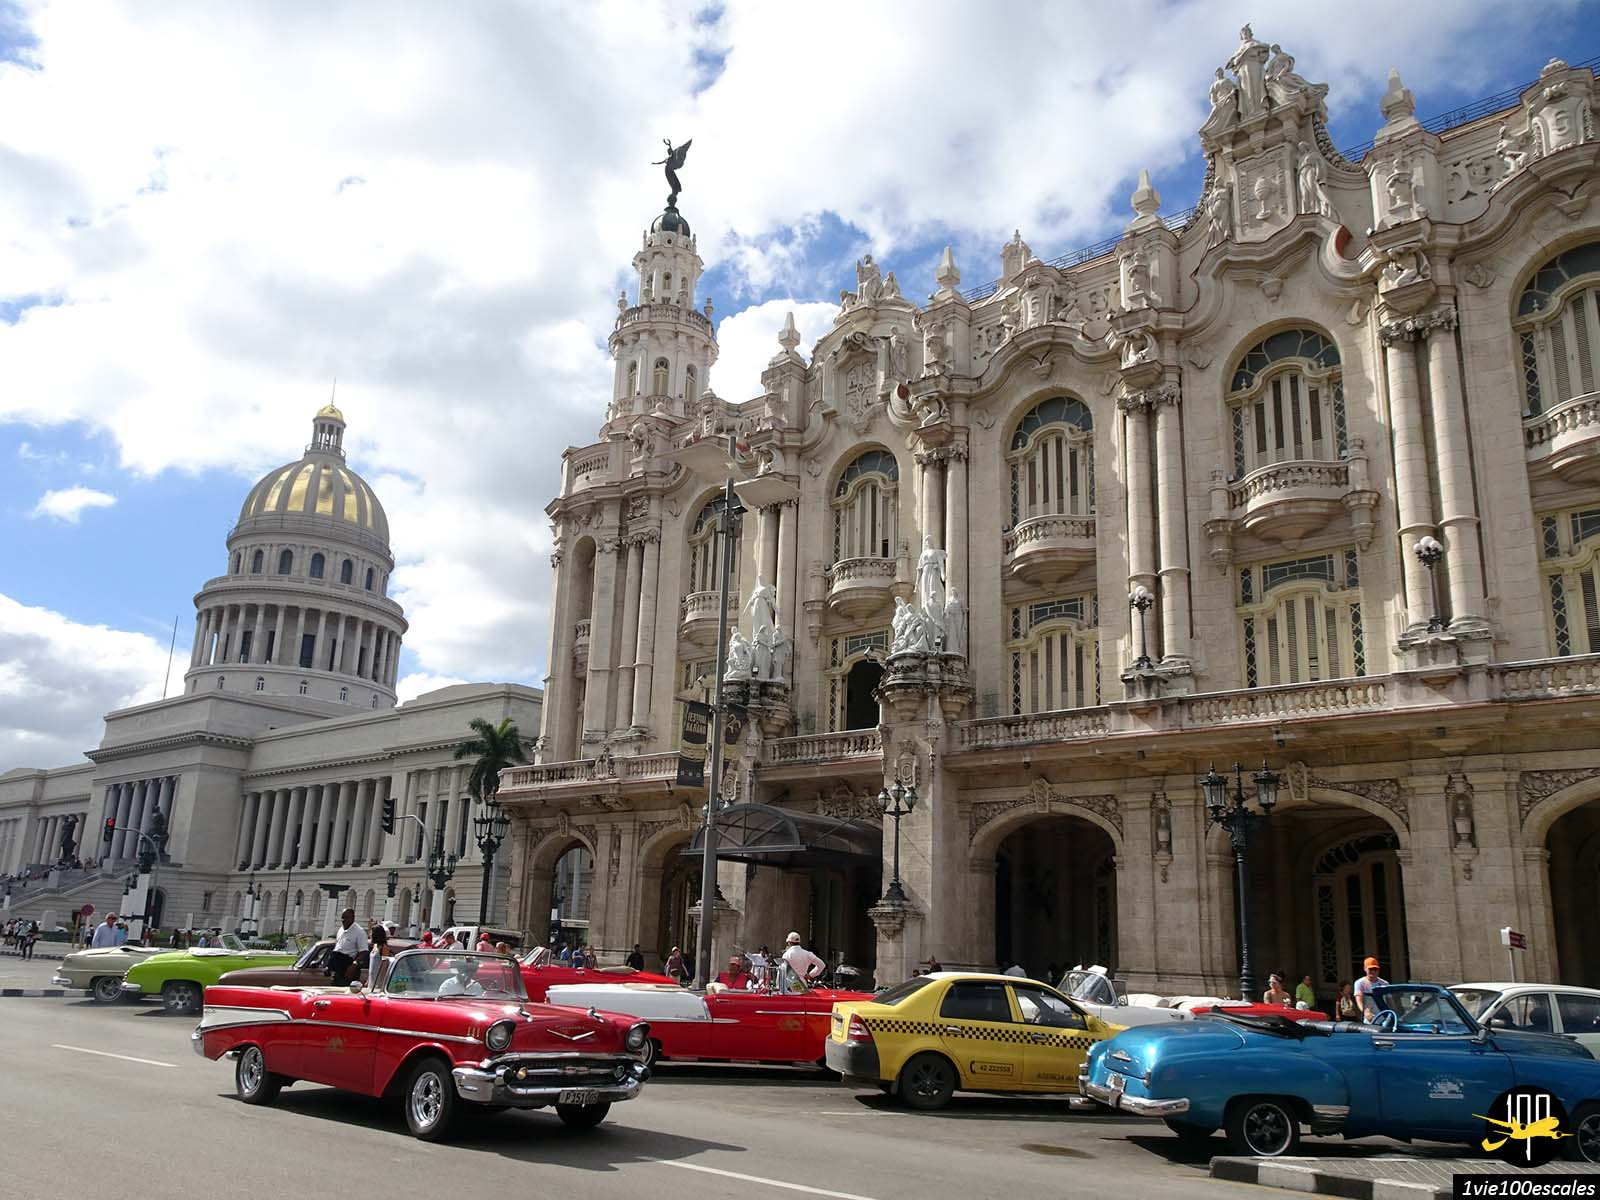 La carte postale de La Havane avec son capitole et ses anciennes voitures